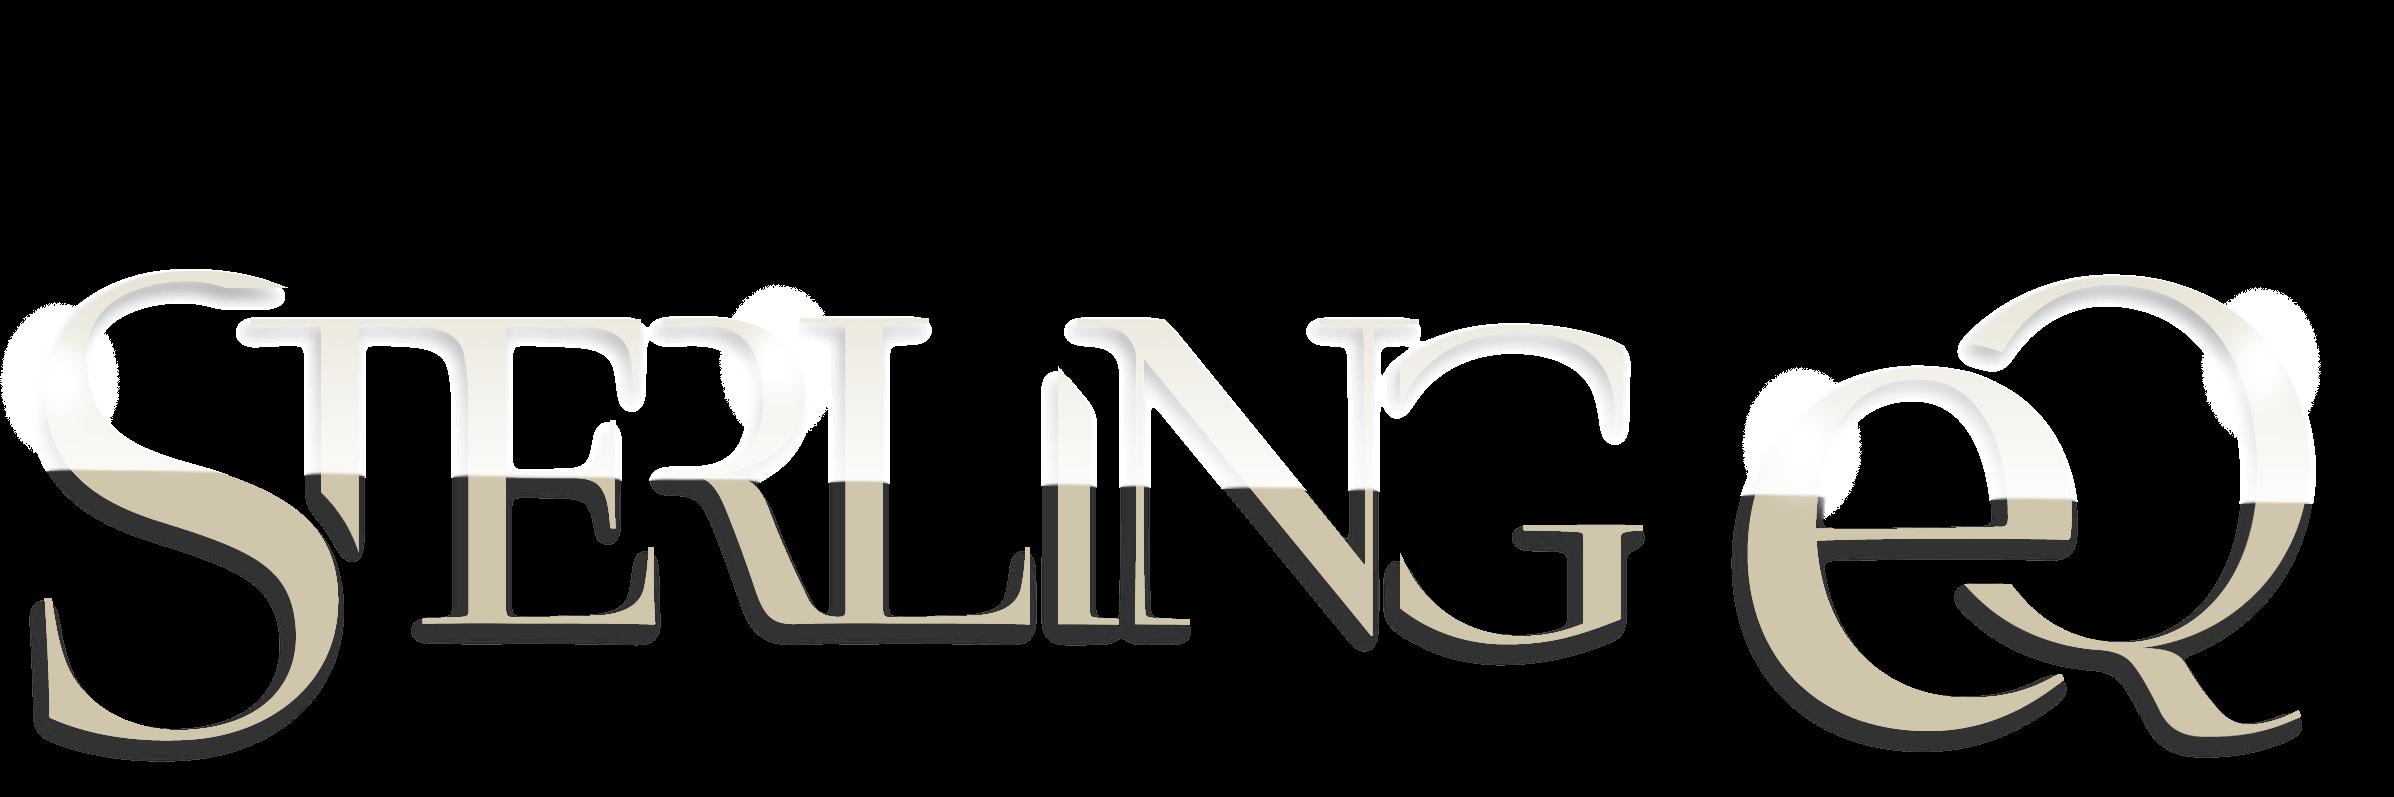 Sterling EQ